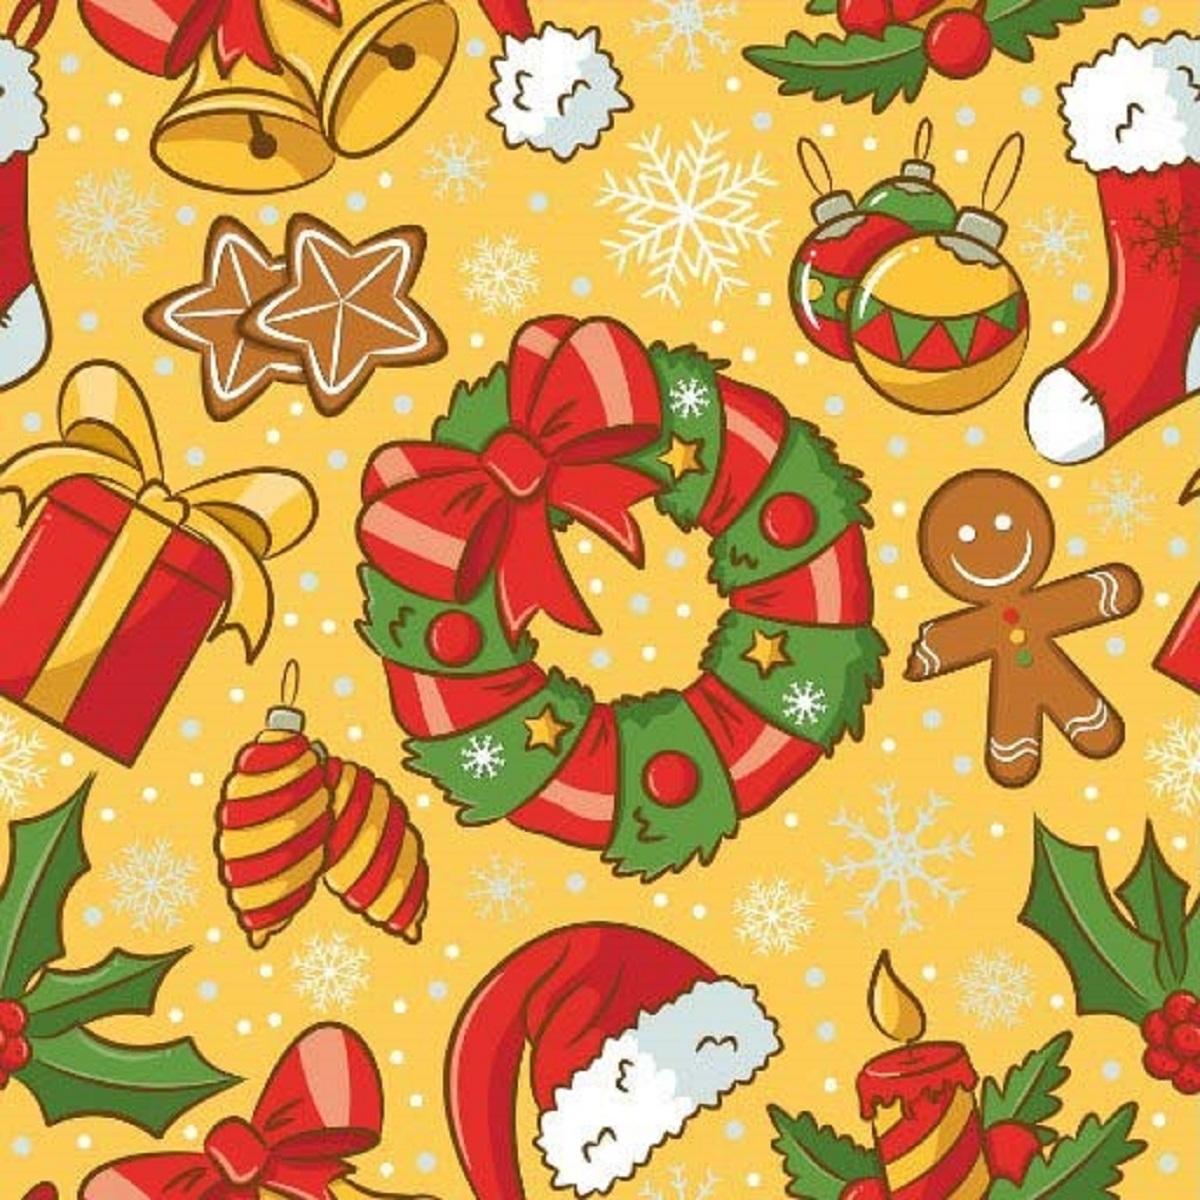 Салфетки бумажные Gratias Рождество, цвет: желтый, трехслойные, 33 х 33 см, 20 шт20119Для бытового и санитарно-гигиенического назначения одноразового использования.